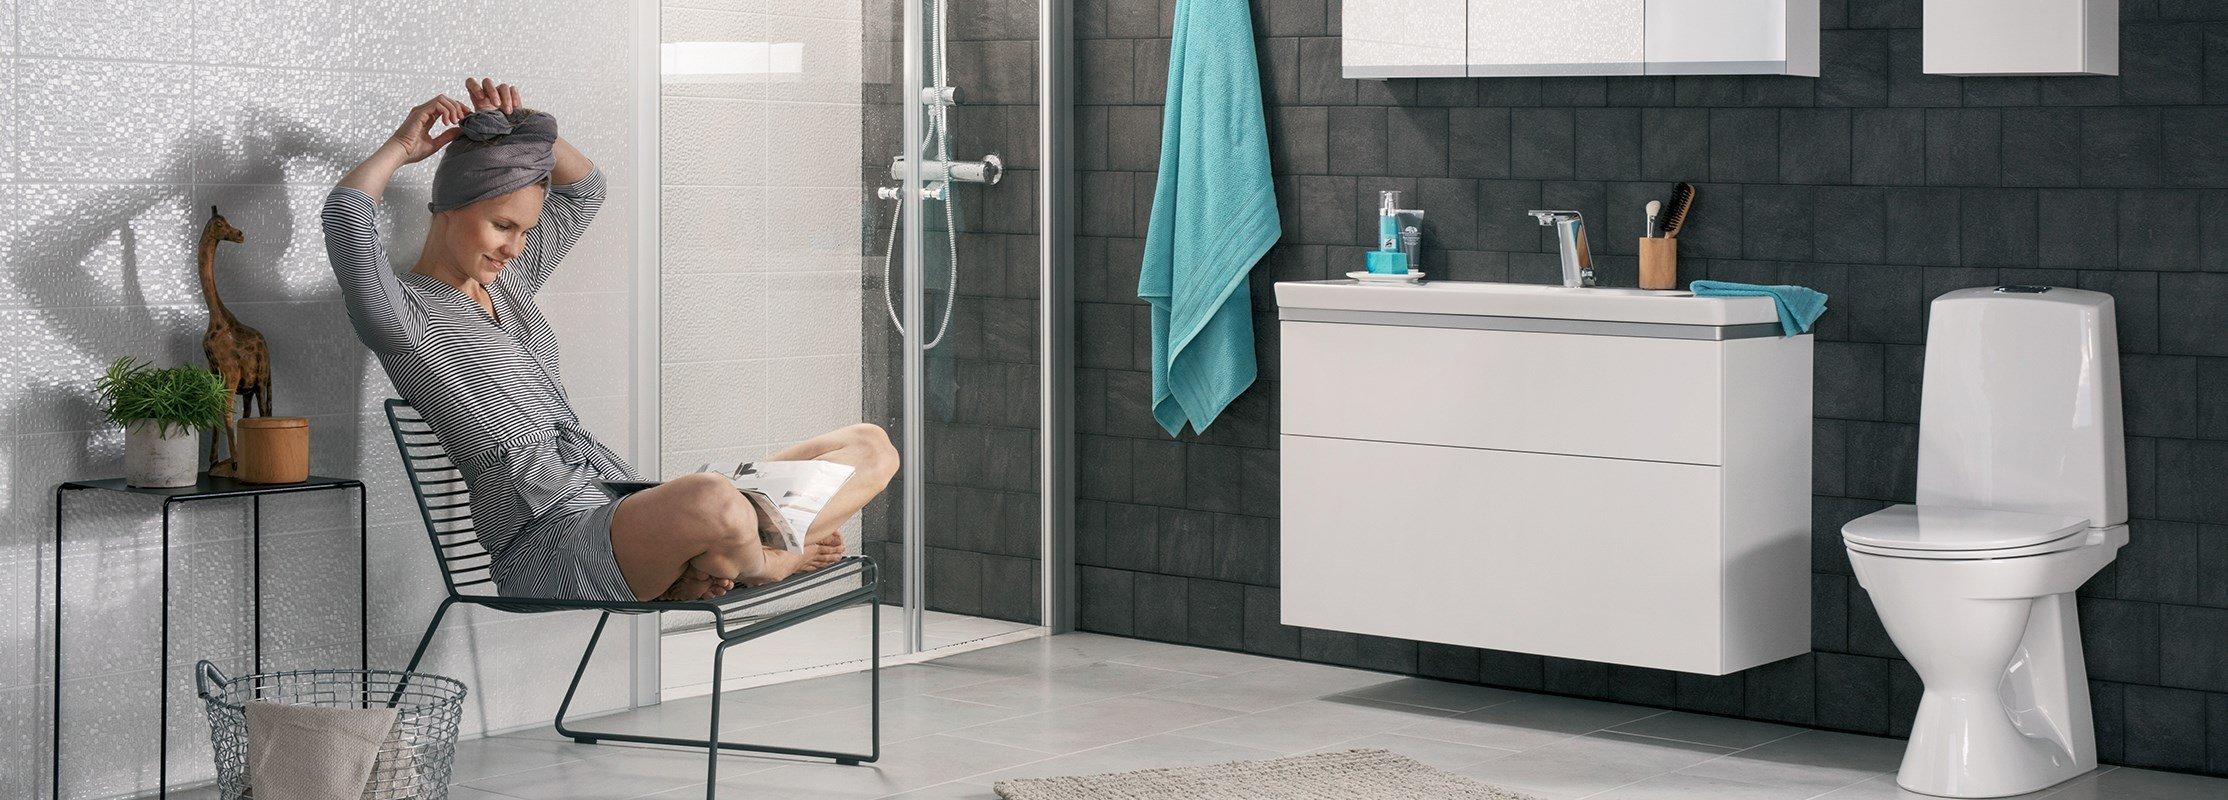 Inredning toalettstol ido : IDO Badrum - Köp IDO toalett, tvättställ och dusch | Bygghemma.se